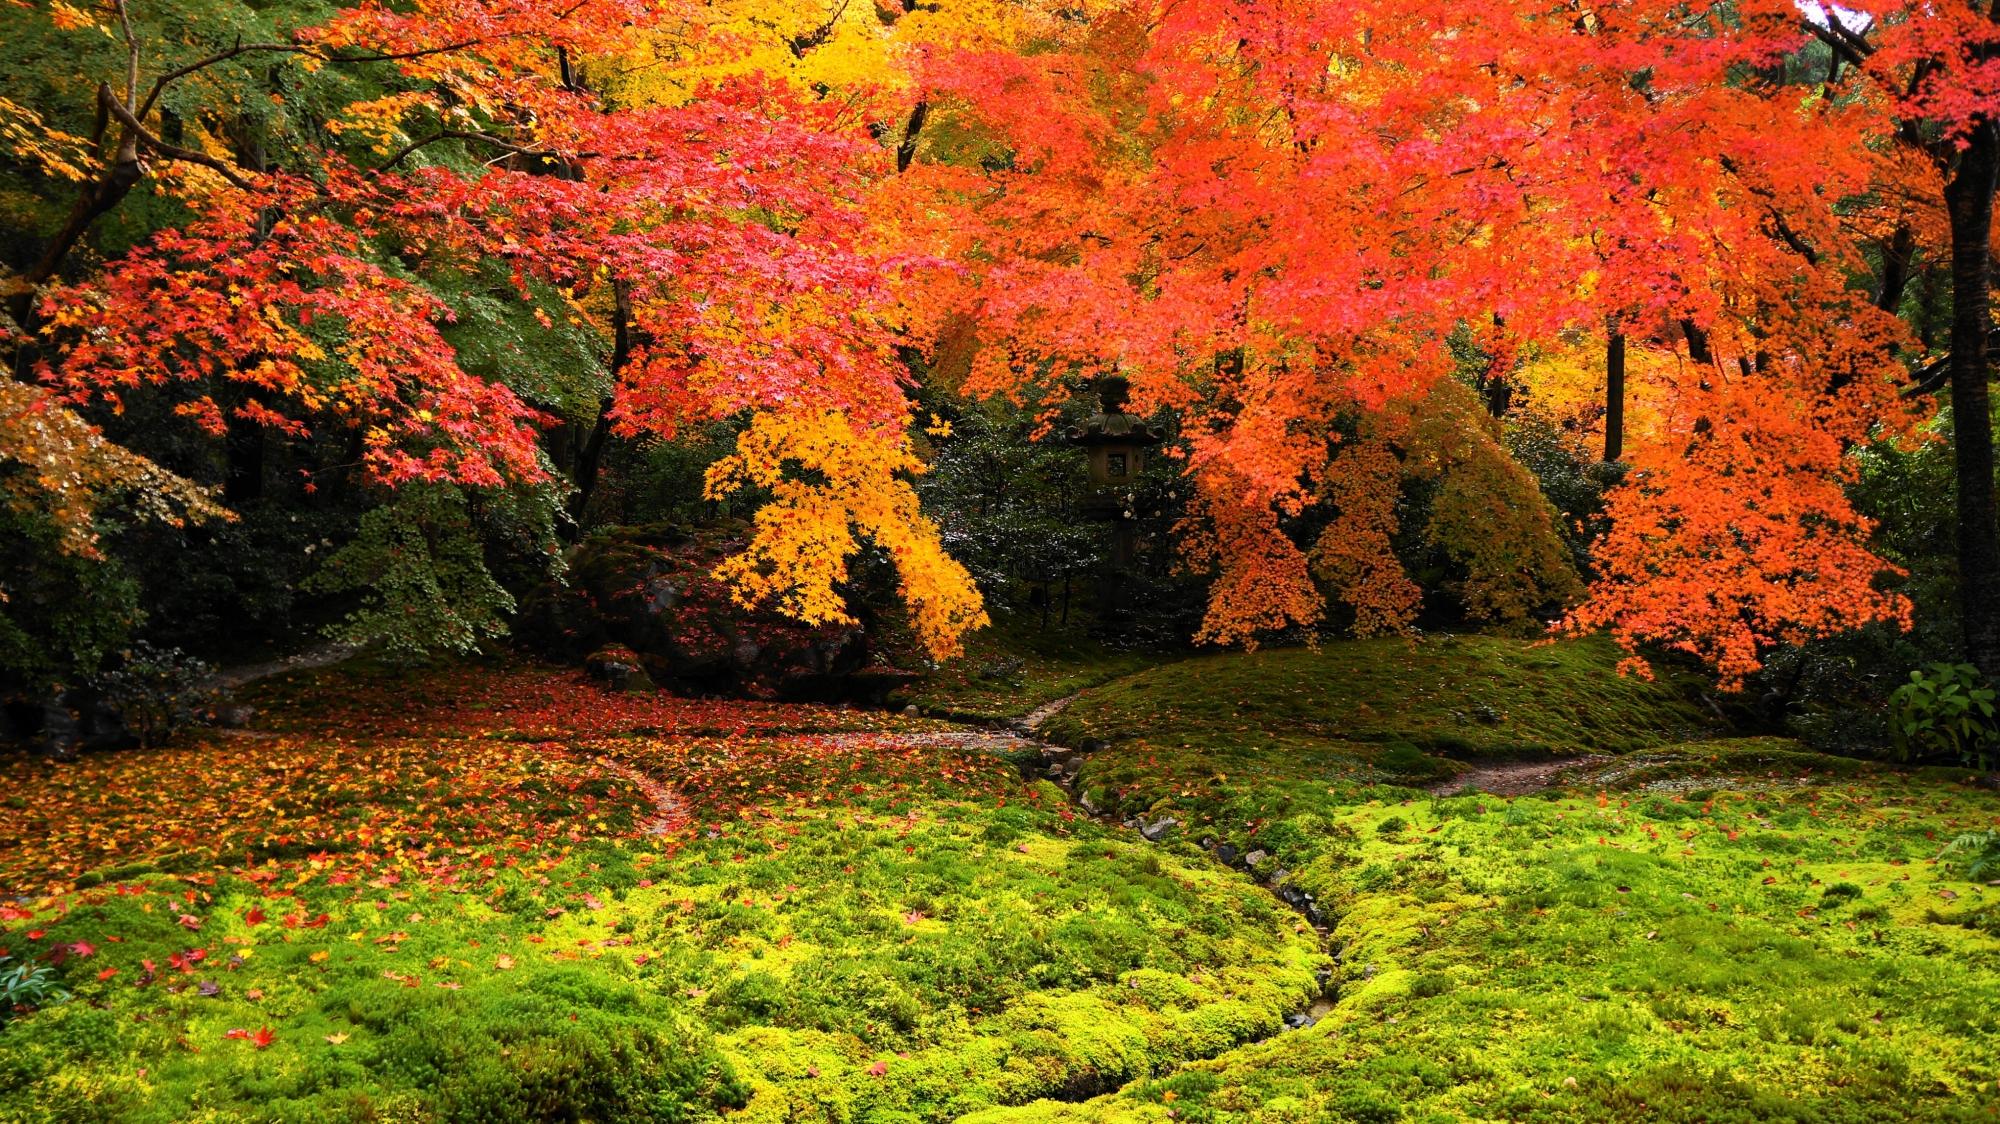 八瀬瑠璃光院の最高の庭園である瑠璃の庭